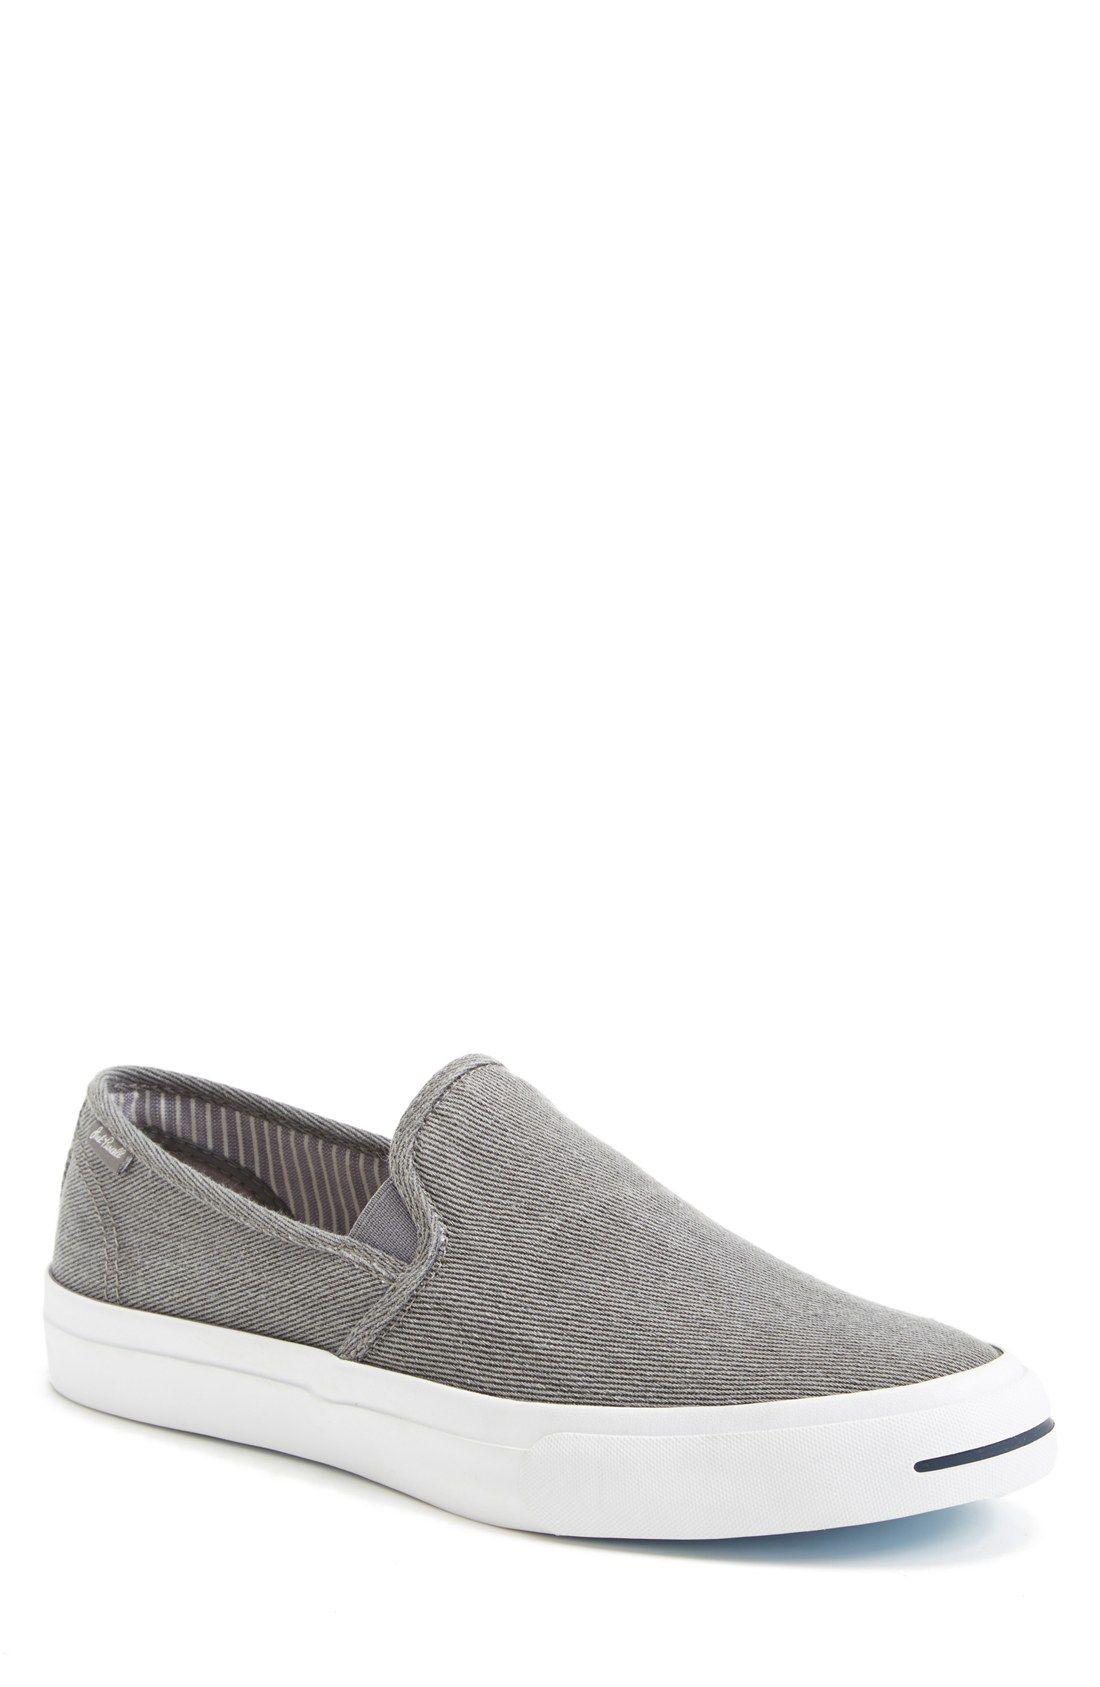 converse laceless shoes